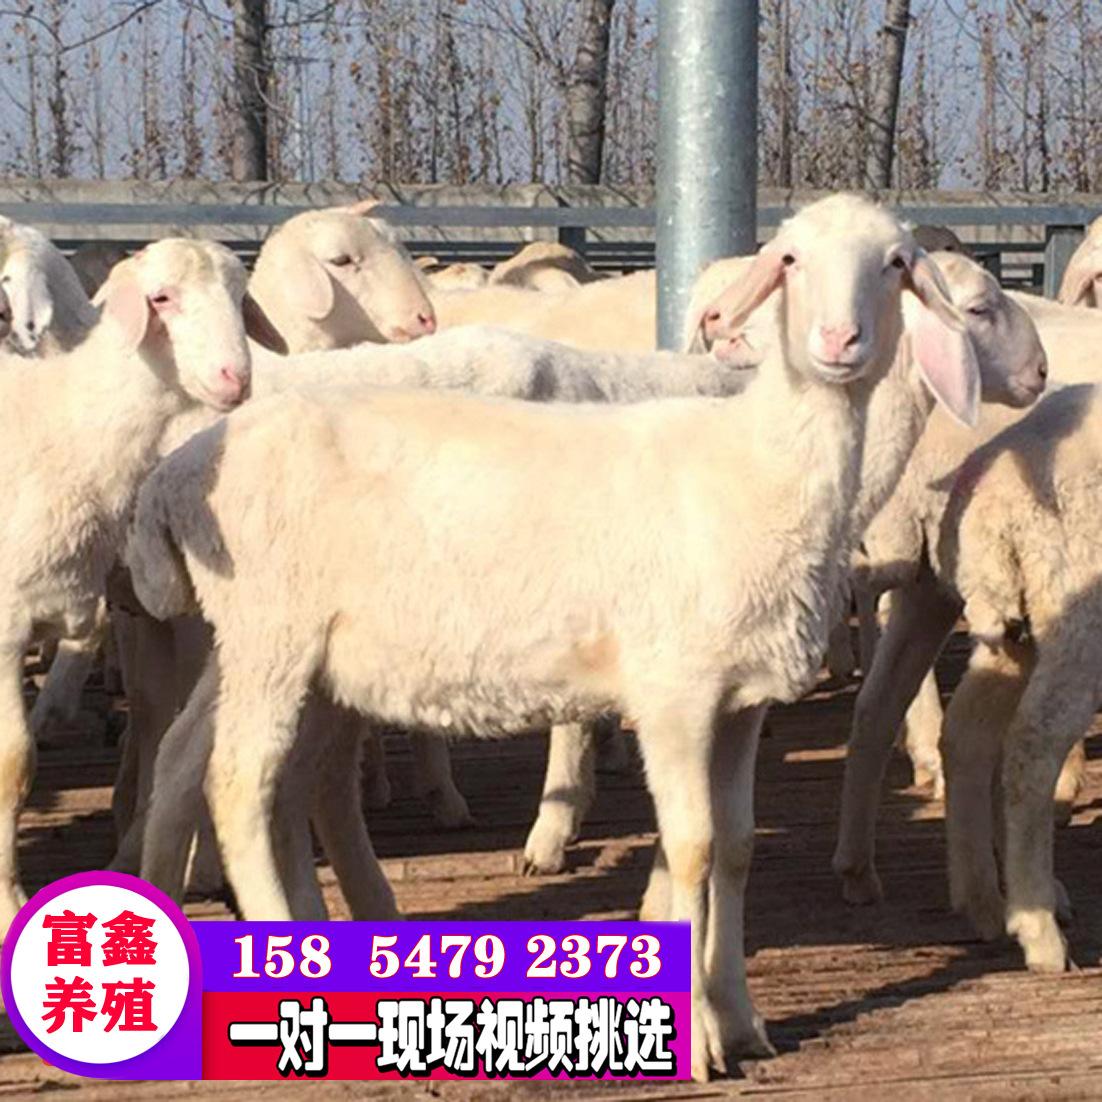 杜泊绵羊活体小尾寒羊怀孕母羊小羊羔活羊绵羊种公羊纯种黑头杜波